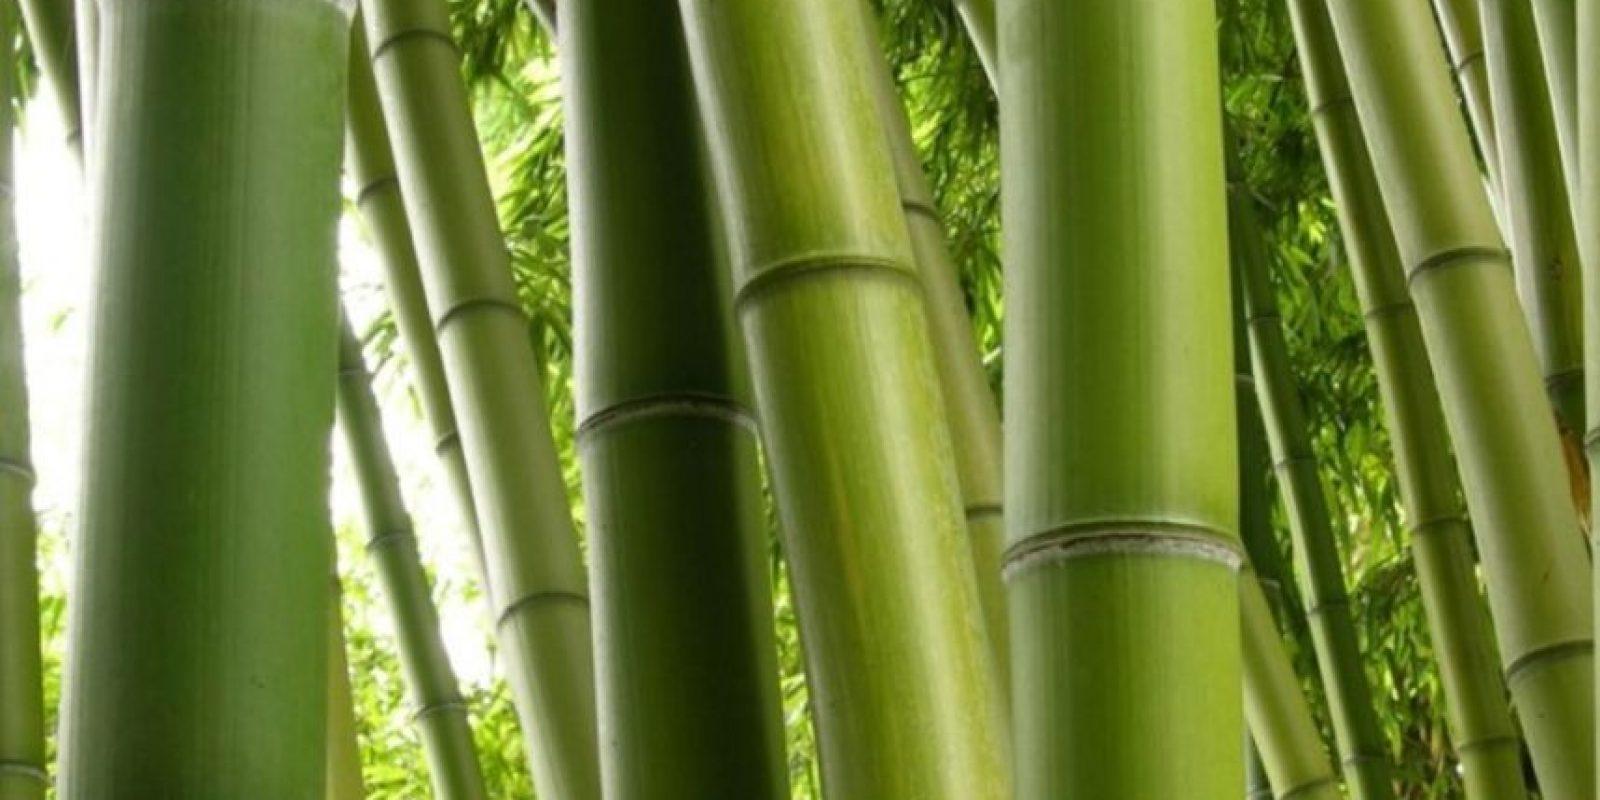 7- La muerte del bambú. Consistía en amarrar a una persona de pies y manos. Con un bambú creciendo debajo. Foto:Getty Images